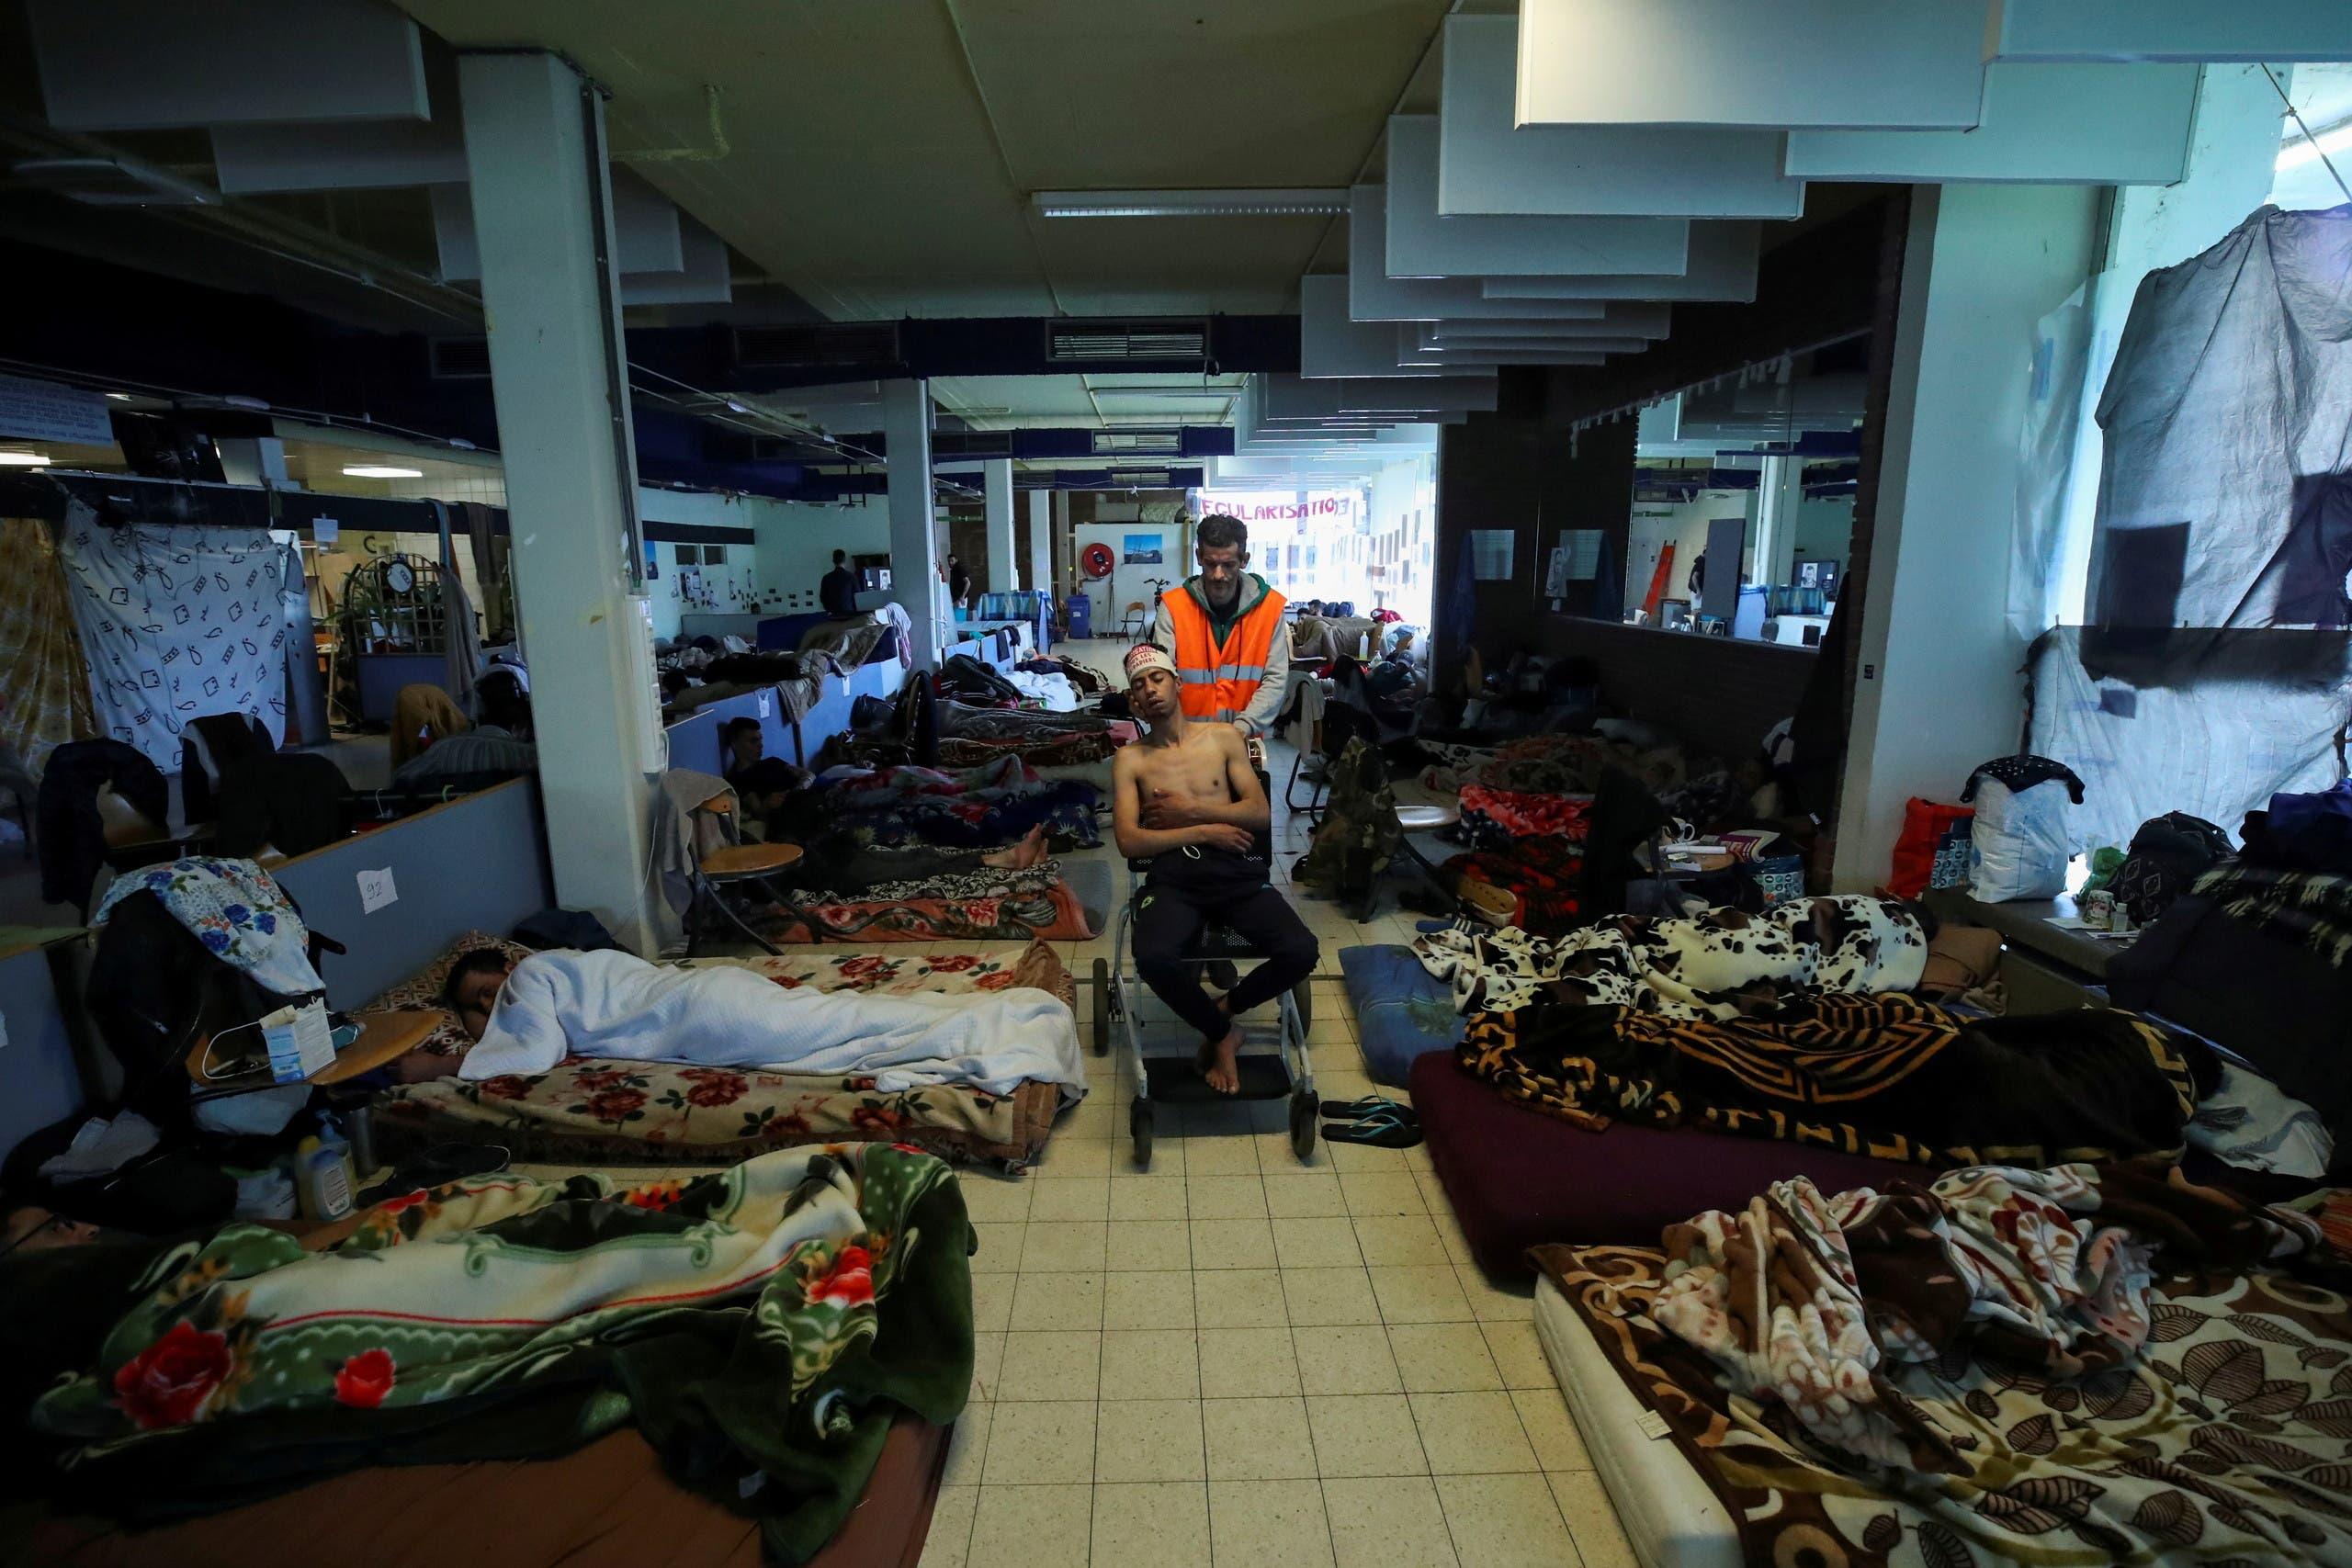 عدد من المهاجرين غير الشرعيين المضربين عن الطعام